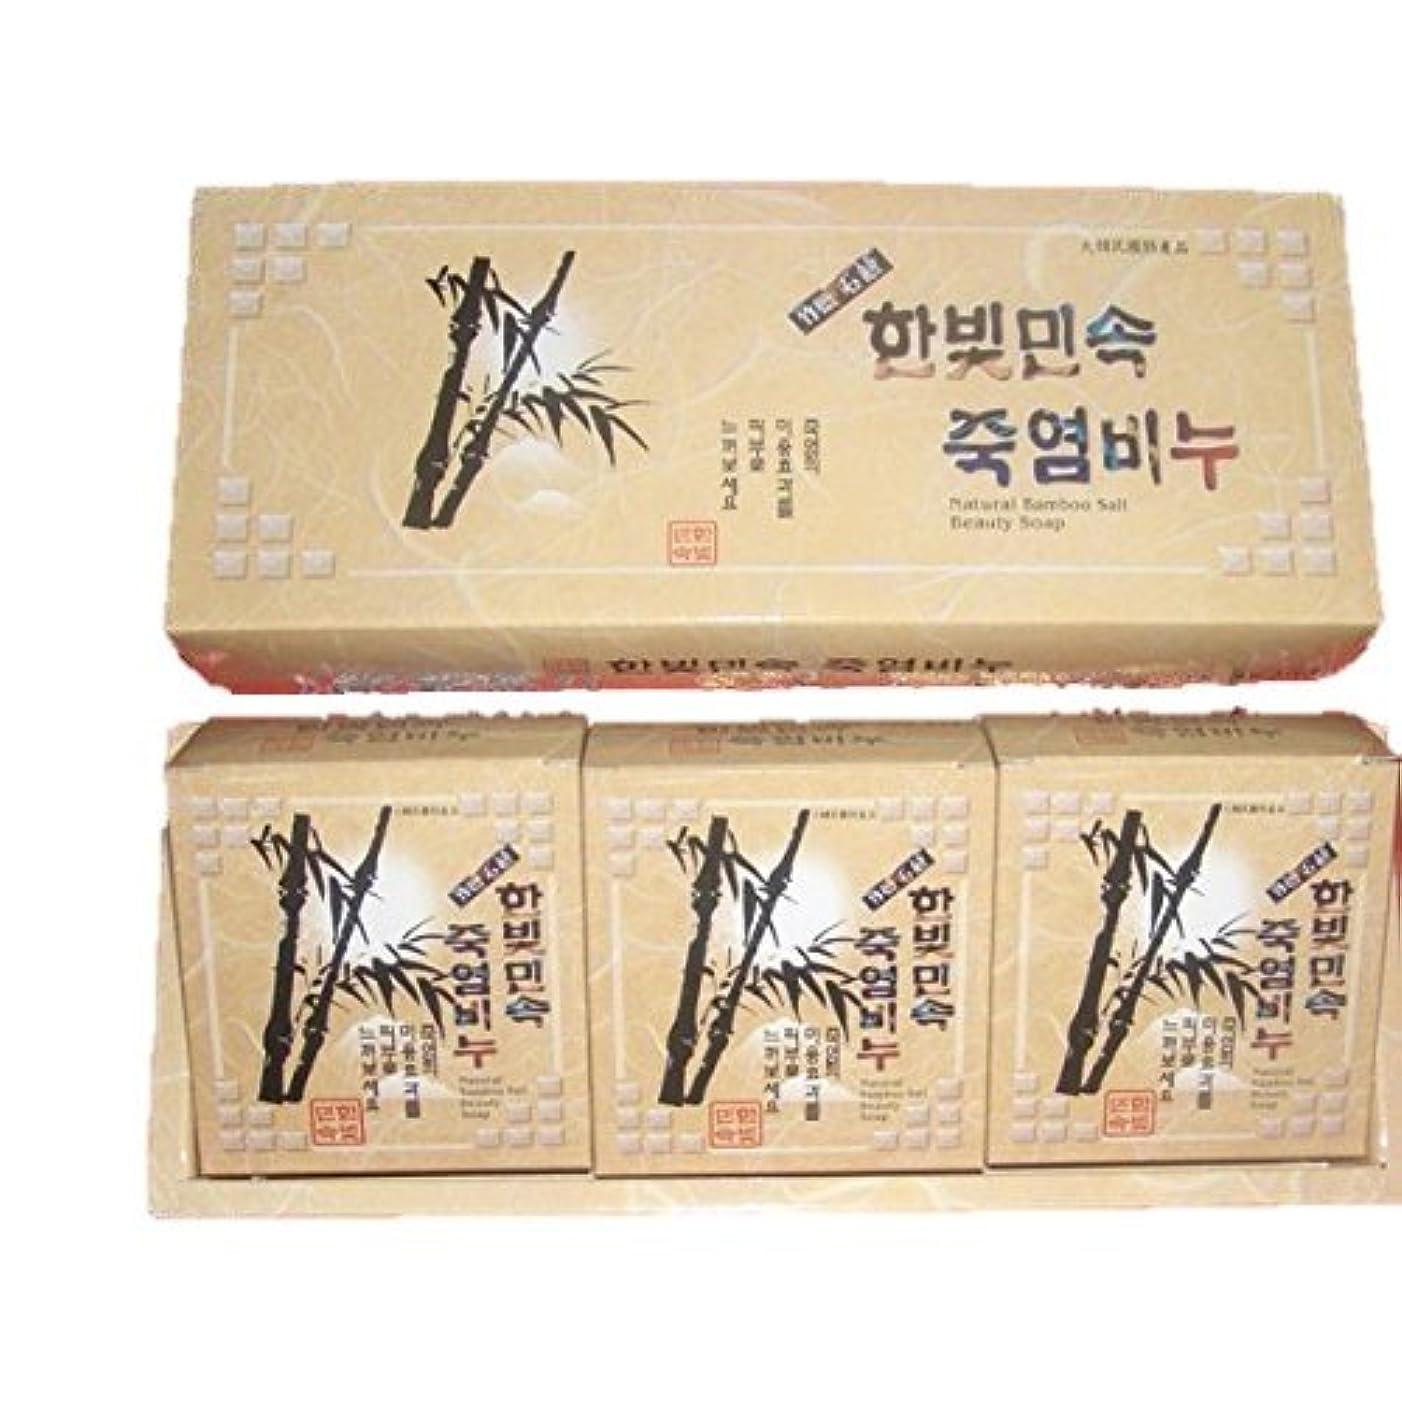 充電自分自身やがて(韓国ブランド) 竹塩石鹸 (3個×3セット)